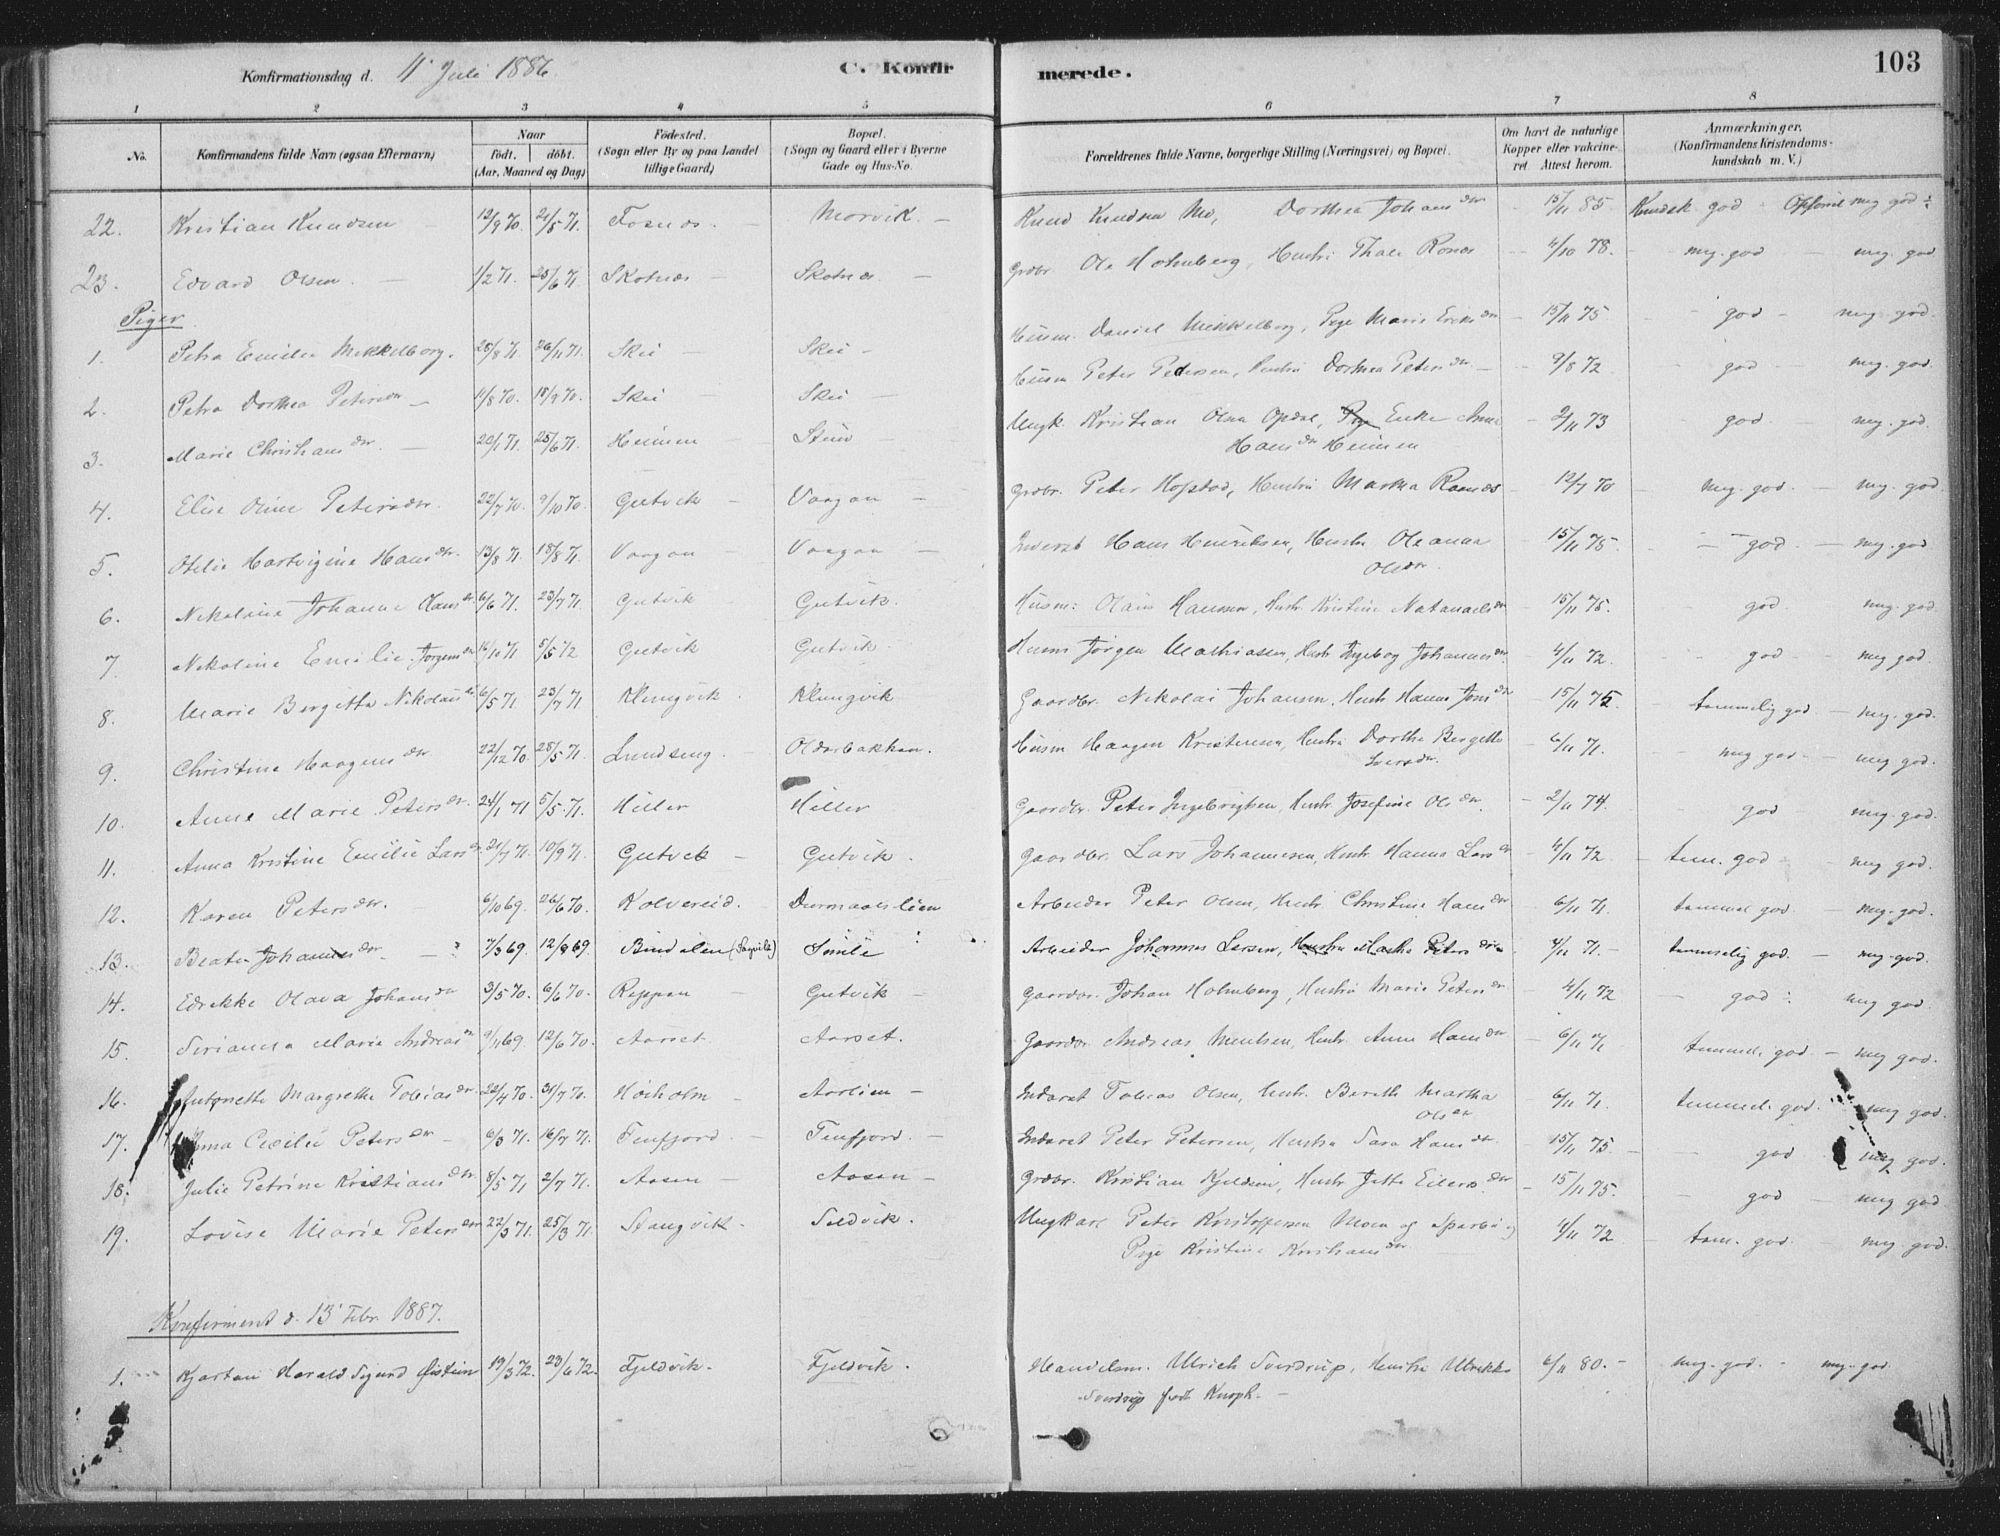 SAT, Ministerialprotokoller, klokkerbøker og fødselsregistre - Nord-Trøndelag, 788/L0697: Ministerialbok nr. 788A04, 1878-1902, s. 103